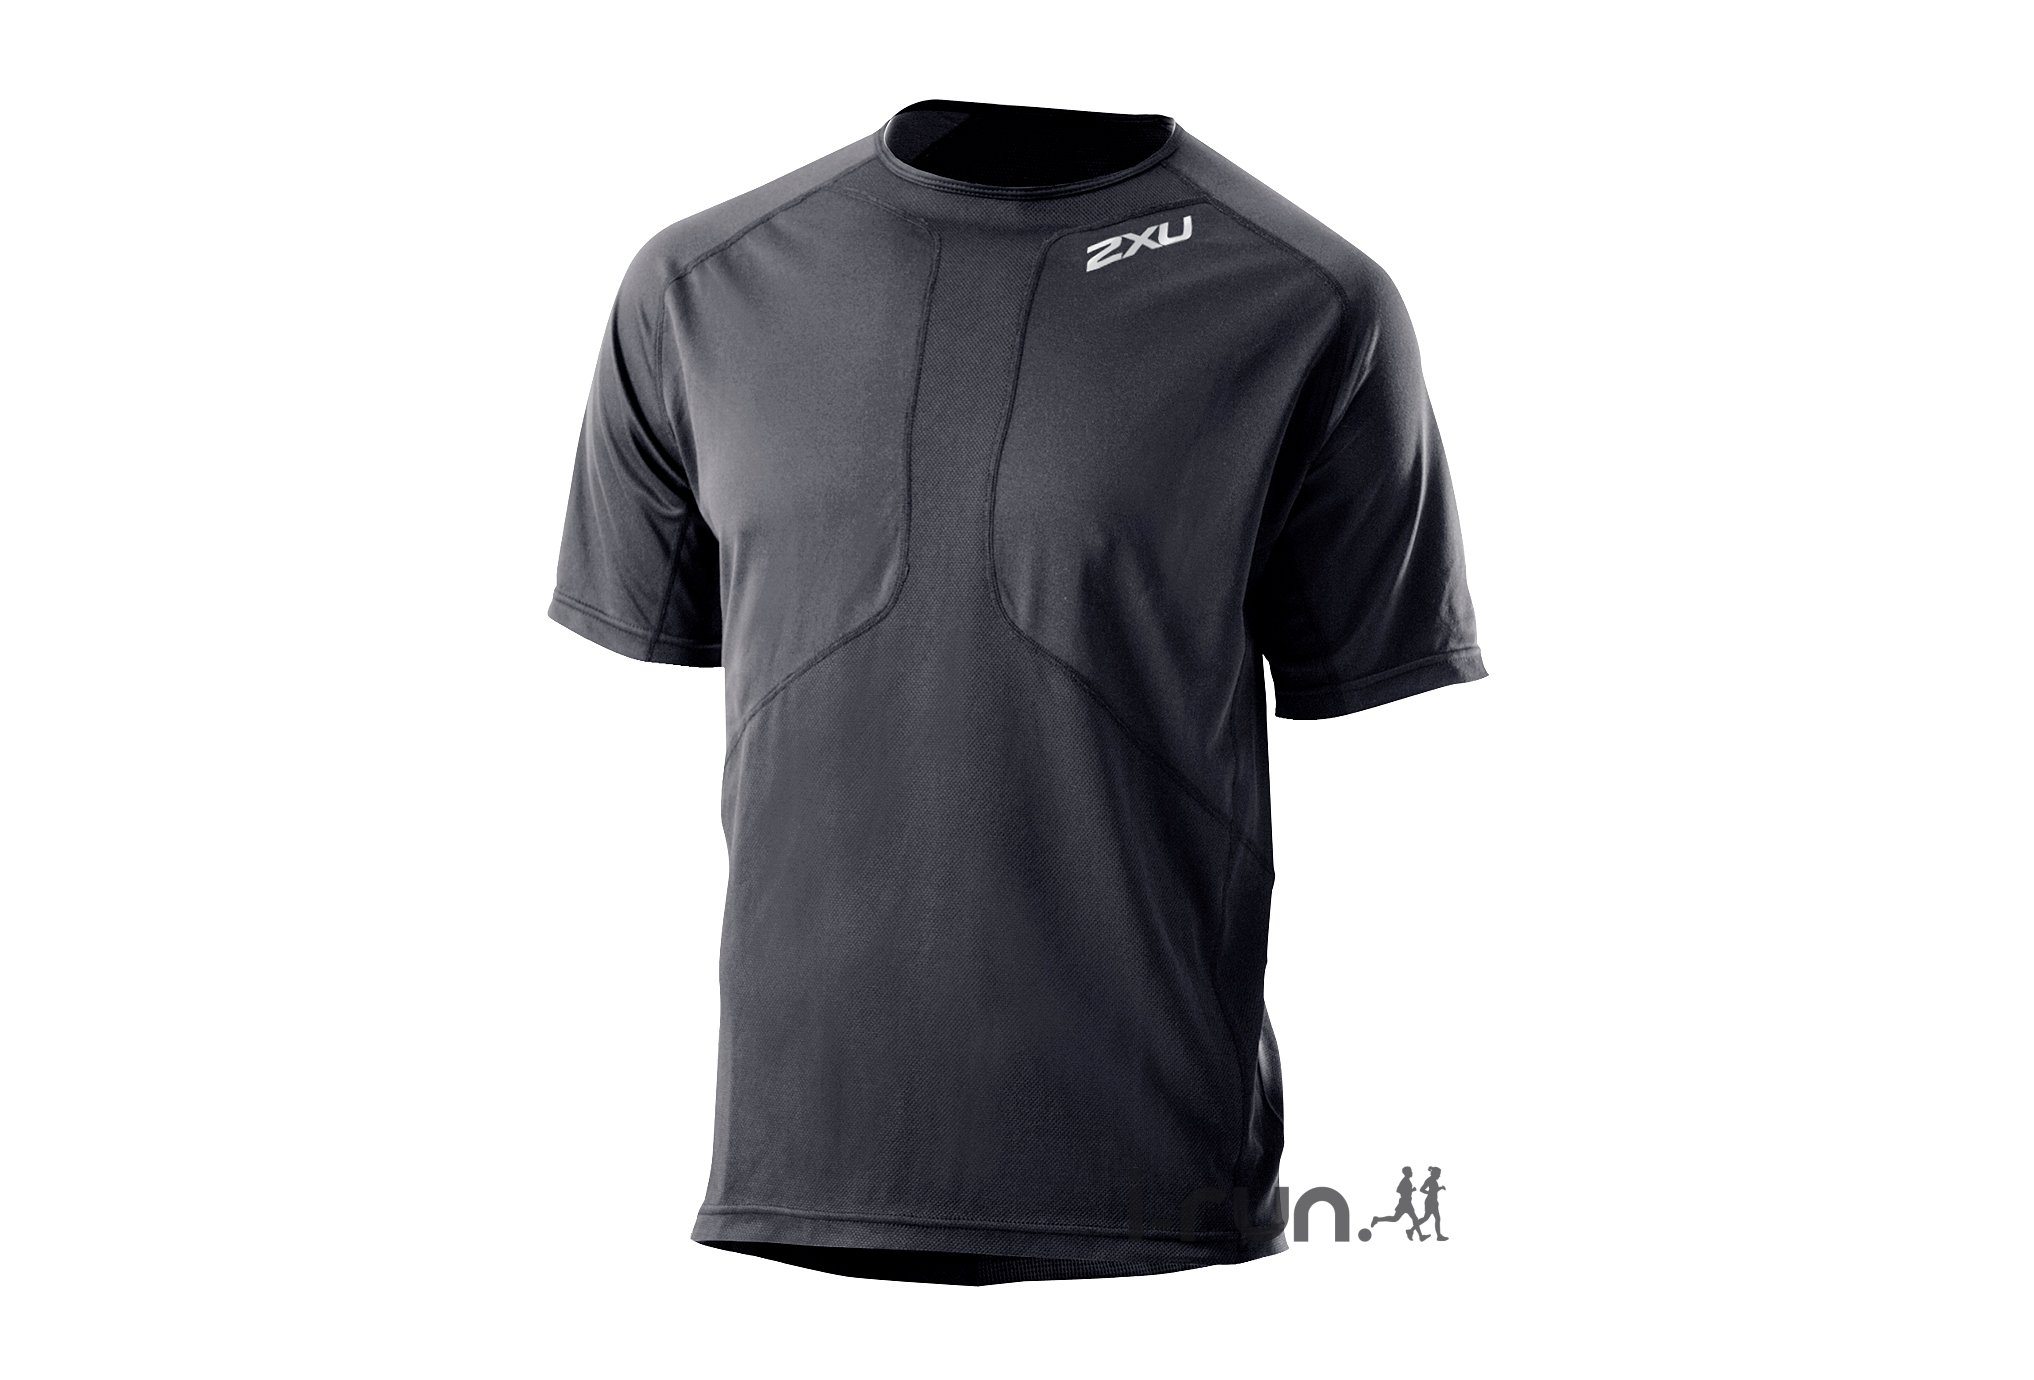 2xu Tee-Shirt s/s comp run m vêtement running homme